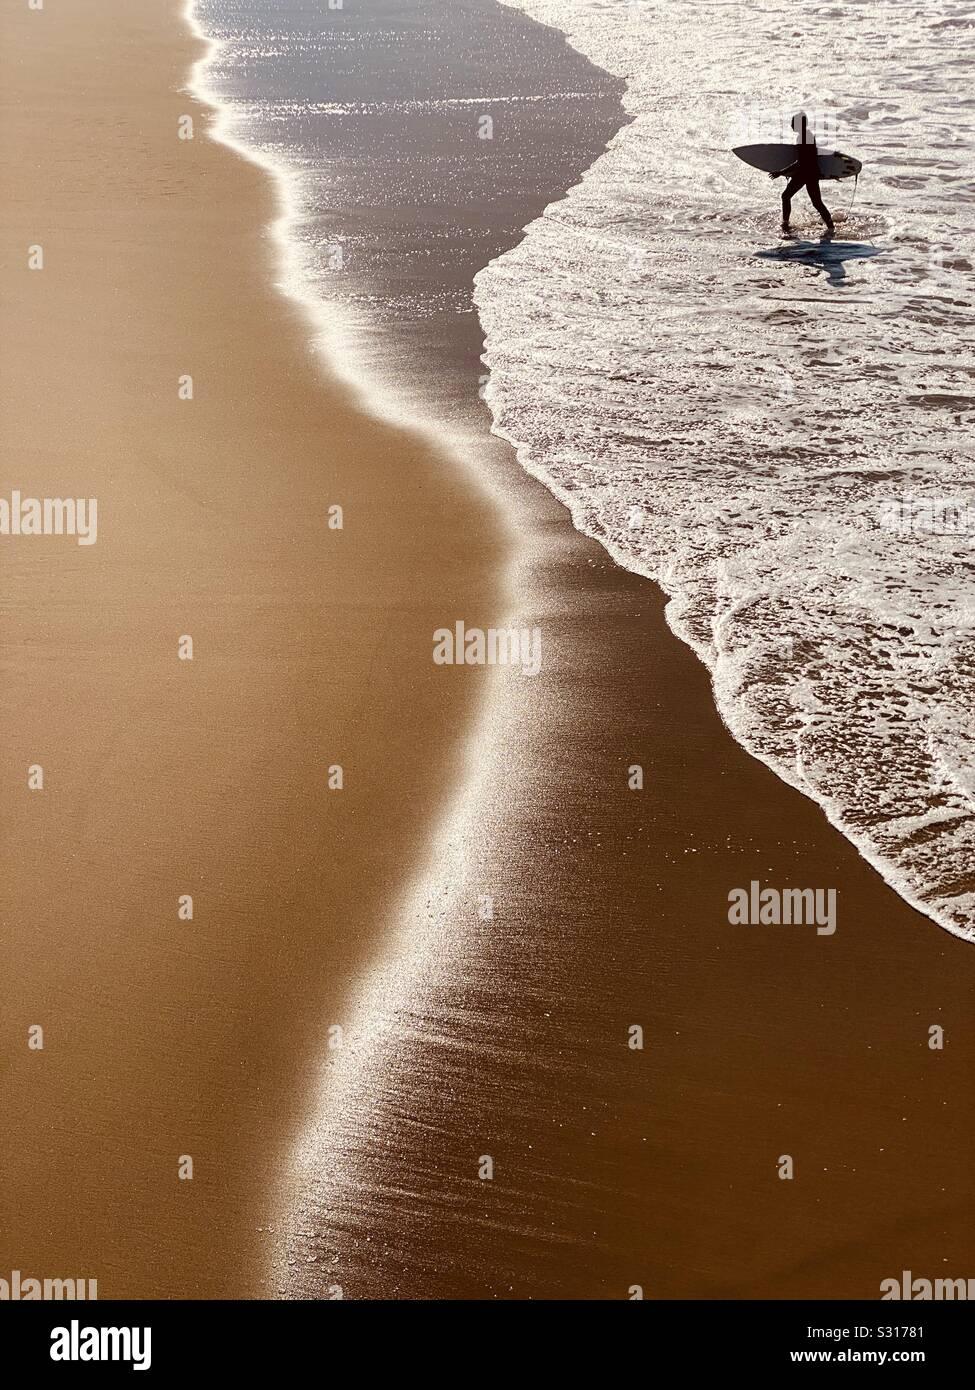 Surfer verlassen das Wasser nach dem Surfen. Manhattan Beach, Kalifornien, USA. Stockfoto